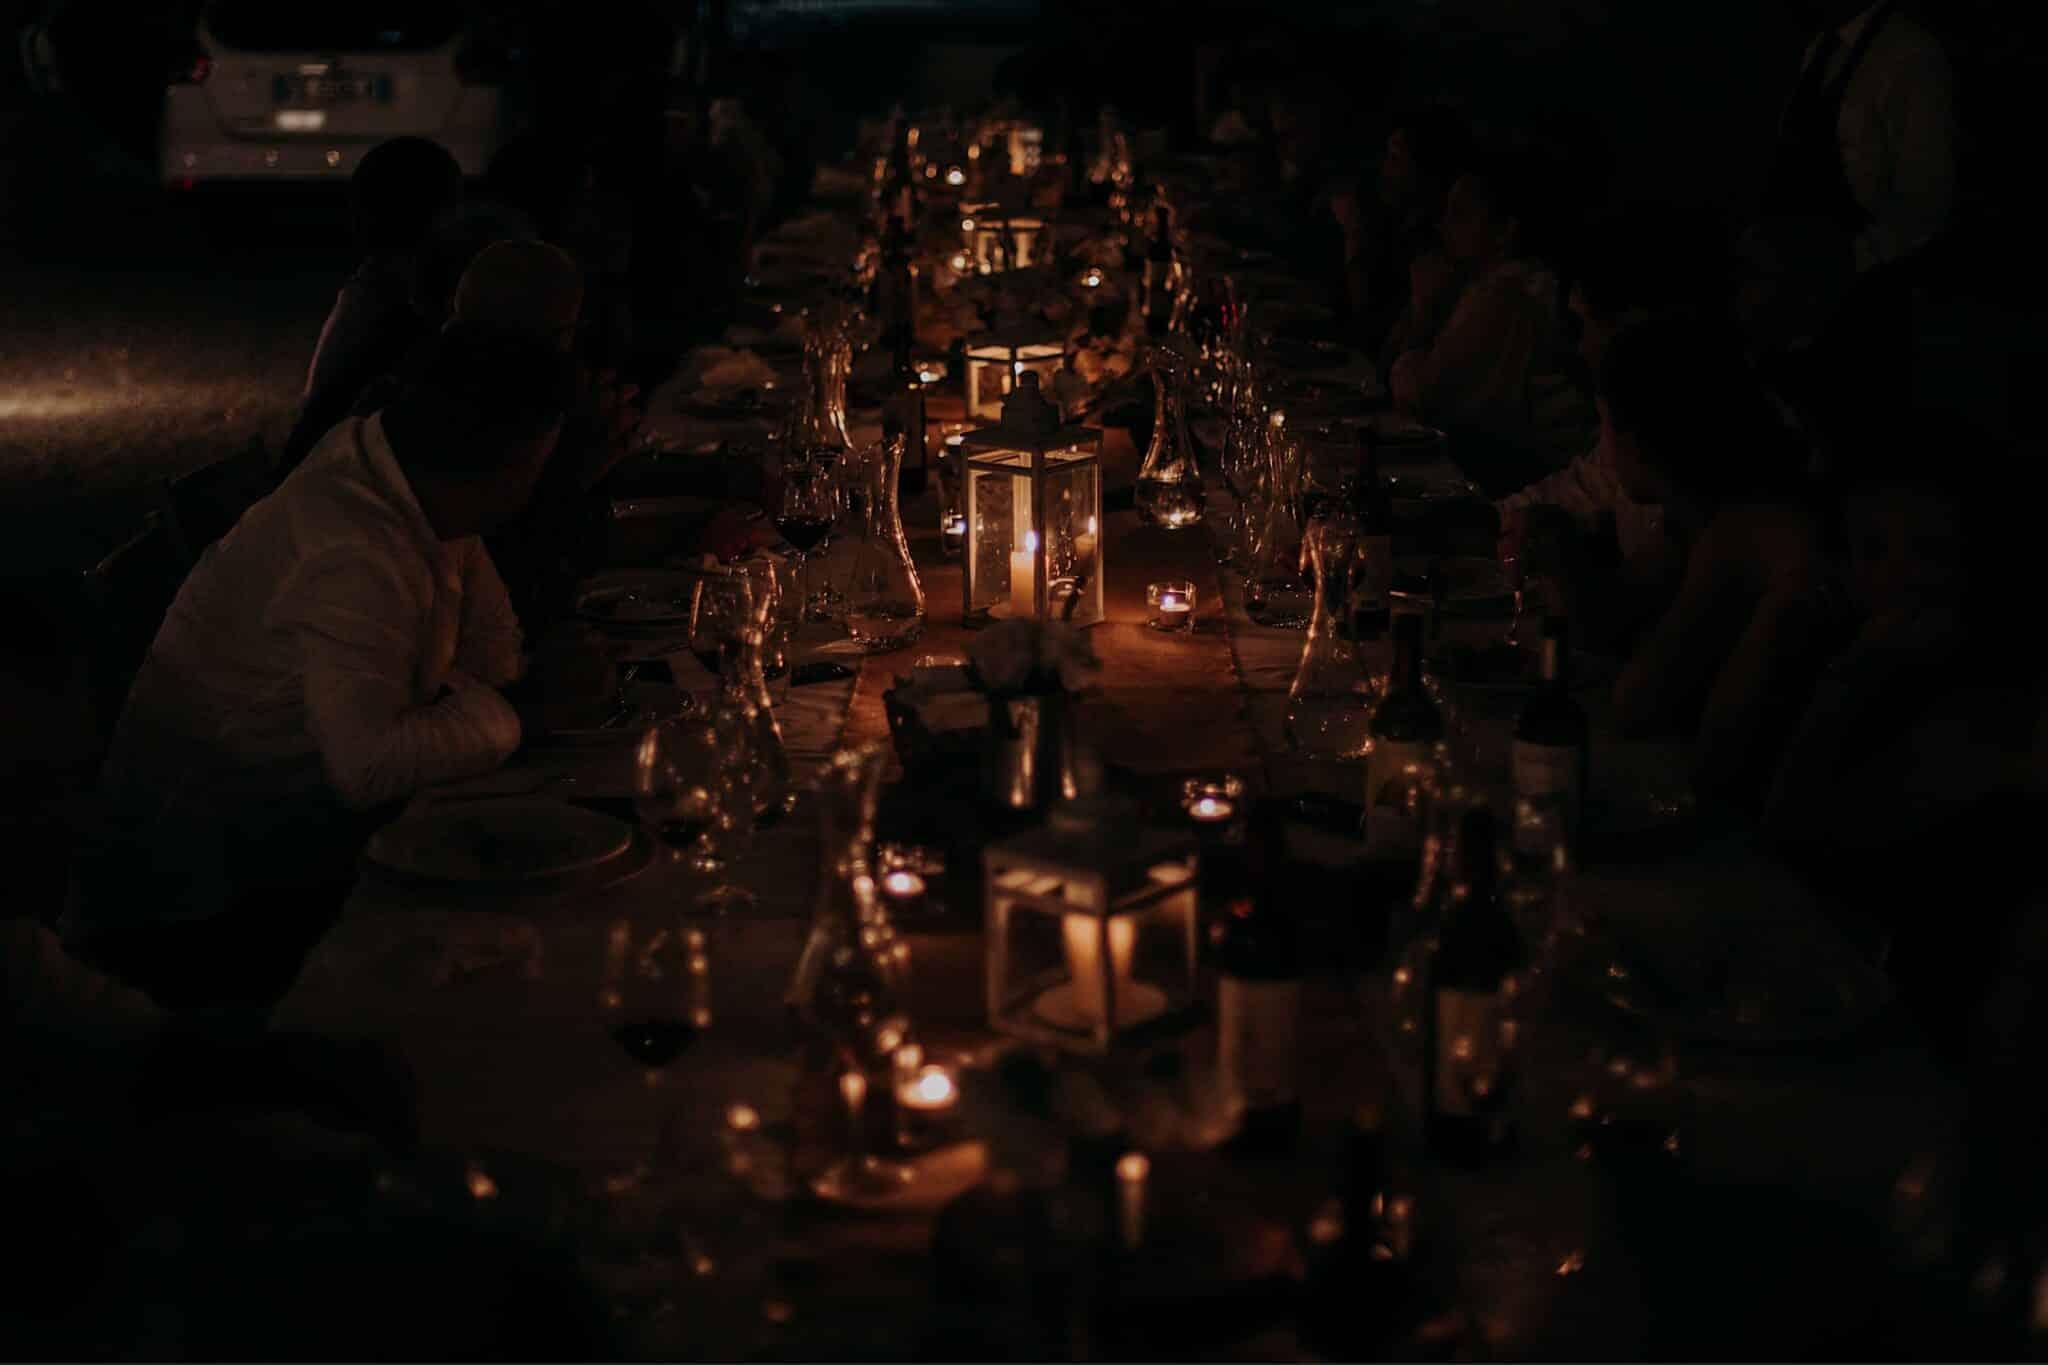 dettagli della luce di candele